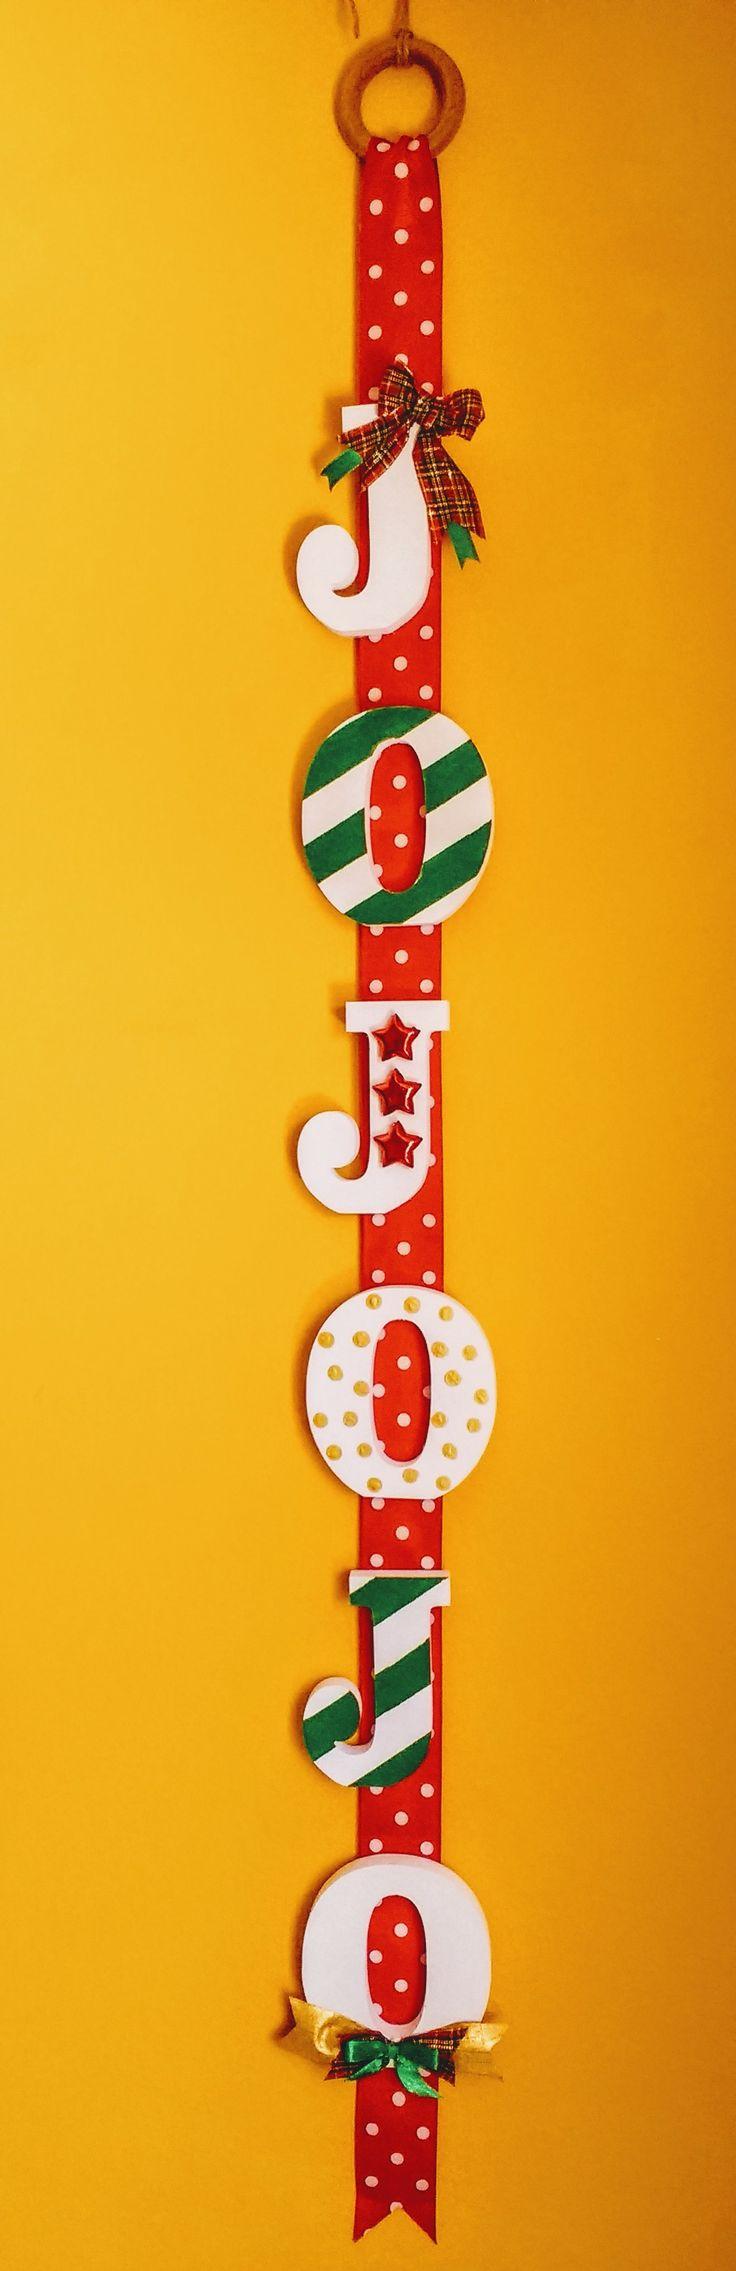 Adorno navideño colgante hecho a mano original diseño Chicoca Deco JO JO JO!!! #deconavidad #navidaddeco